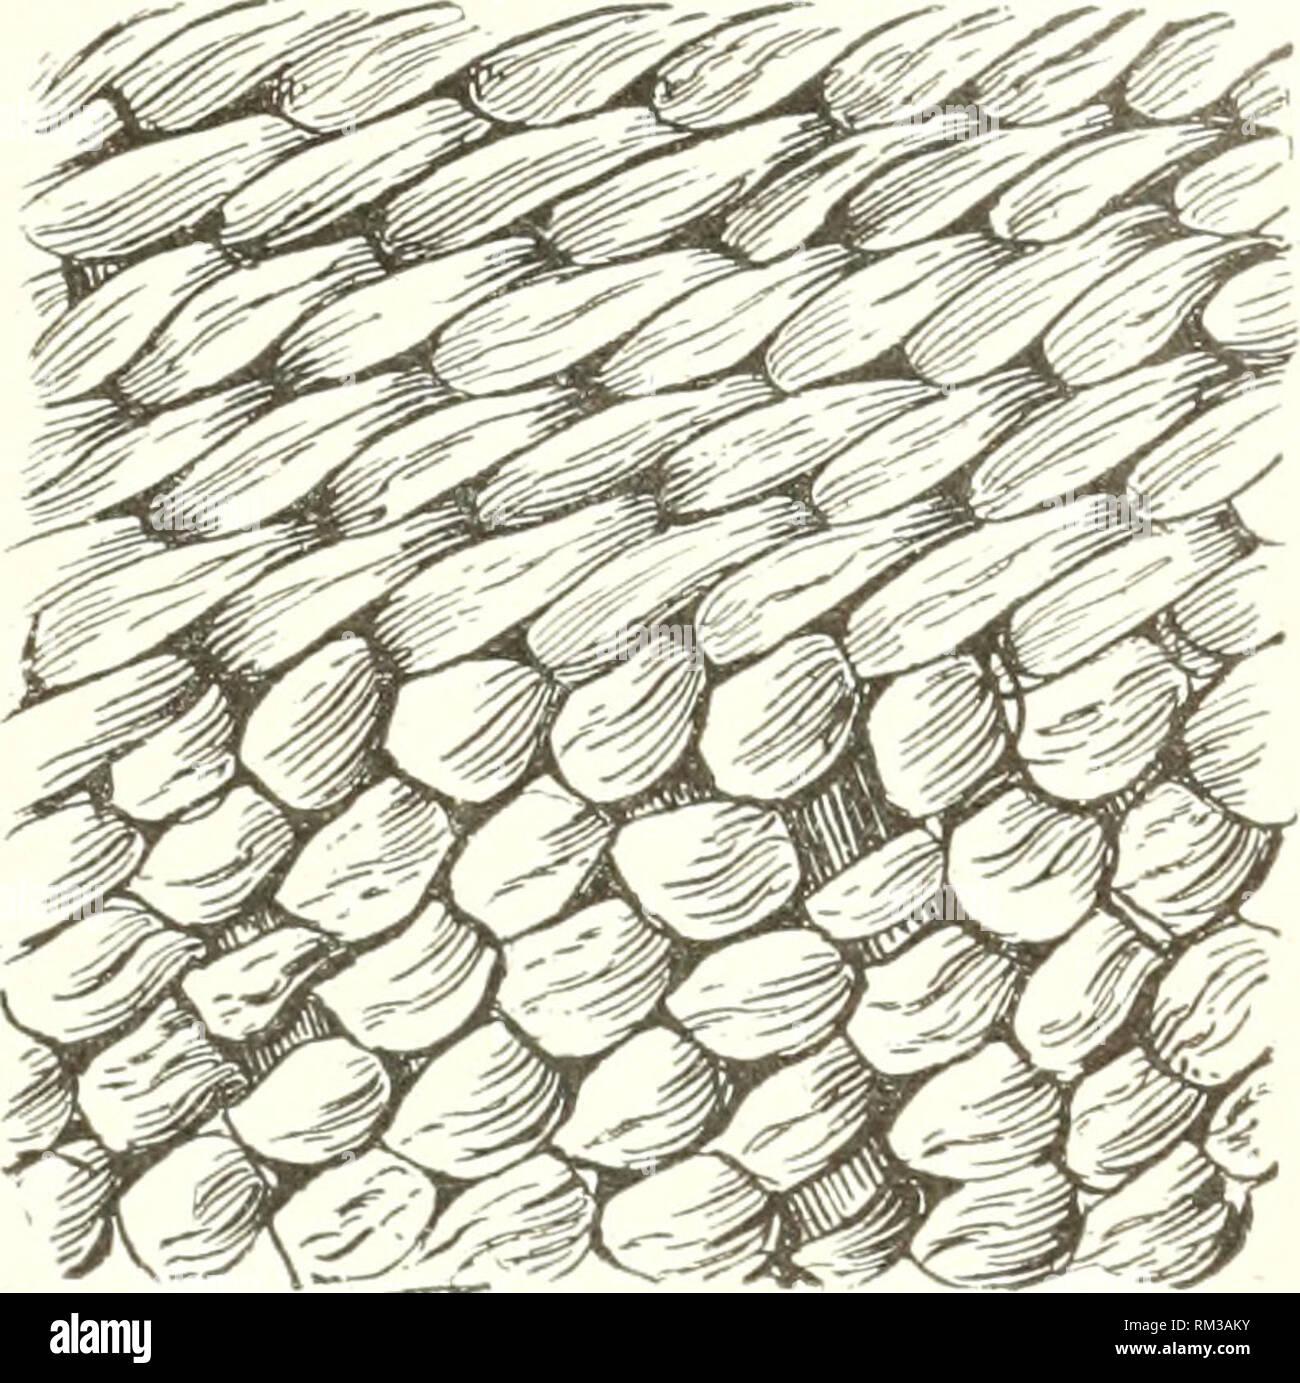 . Jahresbericht des Verwaltungsrats der Smithsonian Institution. Smithsonian Institution; Smithsonian Institution. Archive; Entdeckungen in der Wissenschaft. ABORIGINAL AMP: KirAN BASKP: VERSUCHEN SIE, 24: eine iiiid über den Anderen des reinaiiniio - zwei chMiieuts, ist es (? iirri (Hl]) eliind; ich Warp. Stengel. Diese i) roeess besser verstanden wird. l) y ex {uninin zu diskriminieren, V) Wischen 3-Strang Garn und 3-Strang Geflecht. Th (^3-Strang Zopf findet sich der Ausgangspunkt aller Pomo gezwirnter]) askets, egal wie der Rest ist]) uilt. Abb. 83 ist ein eonieal earr 3'ing]) asket der Klamath Indianer von Oregon, Co Stockbild